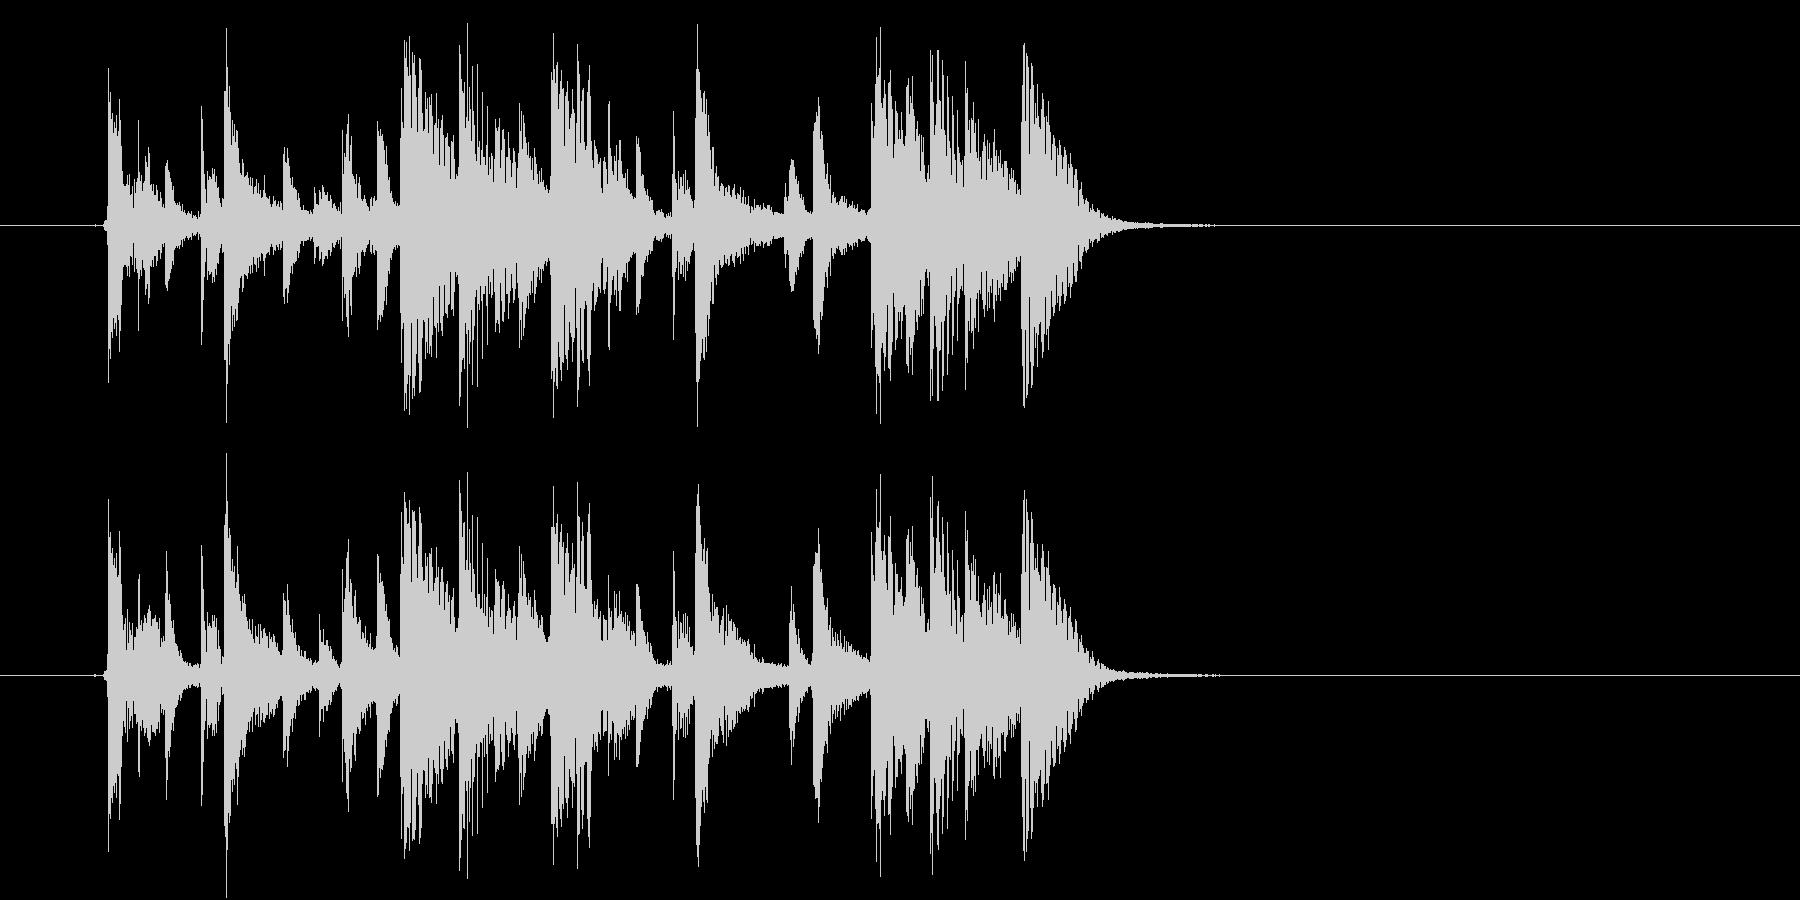 緩やかでマイナーなテクノポップジングルの未再生の波形